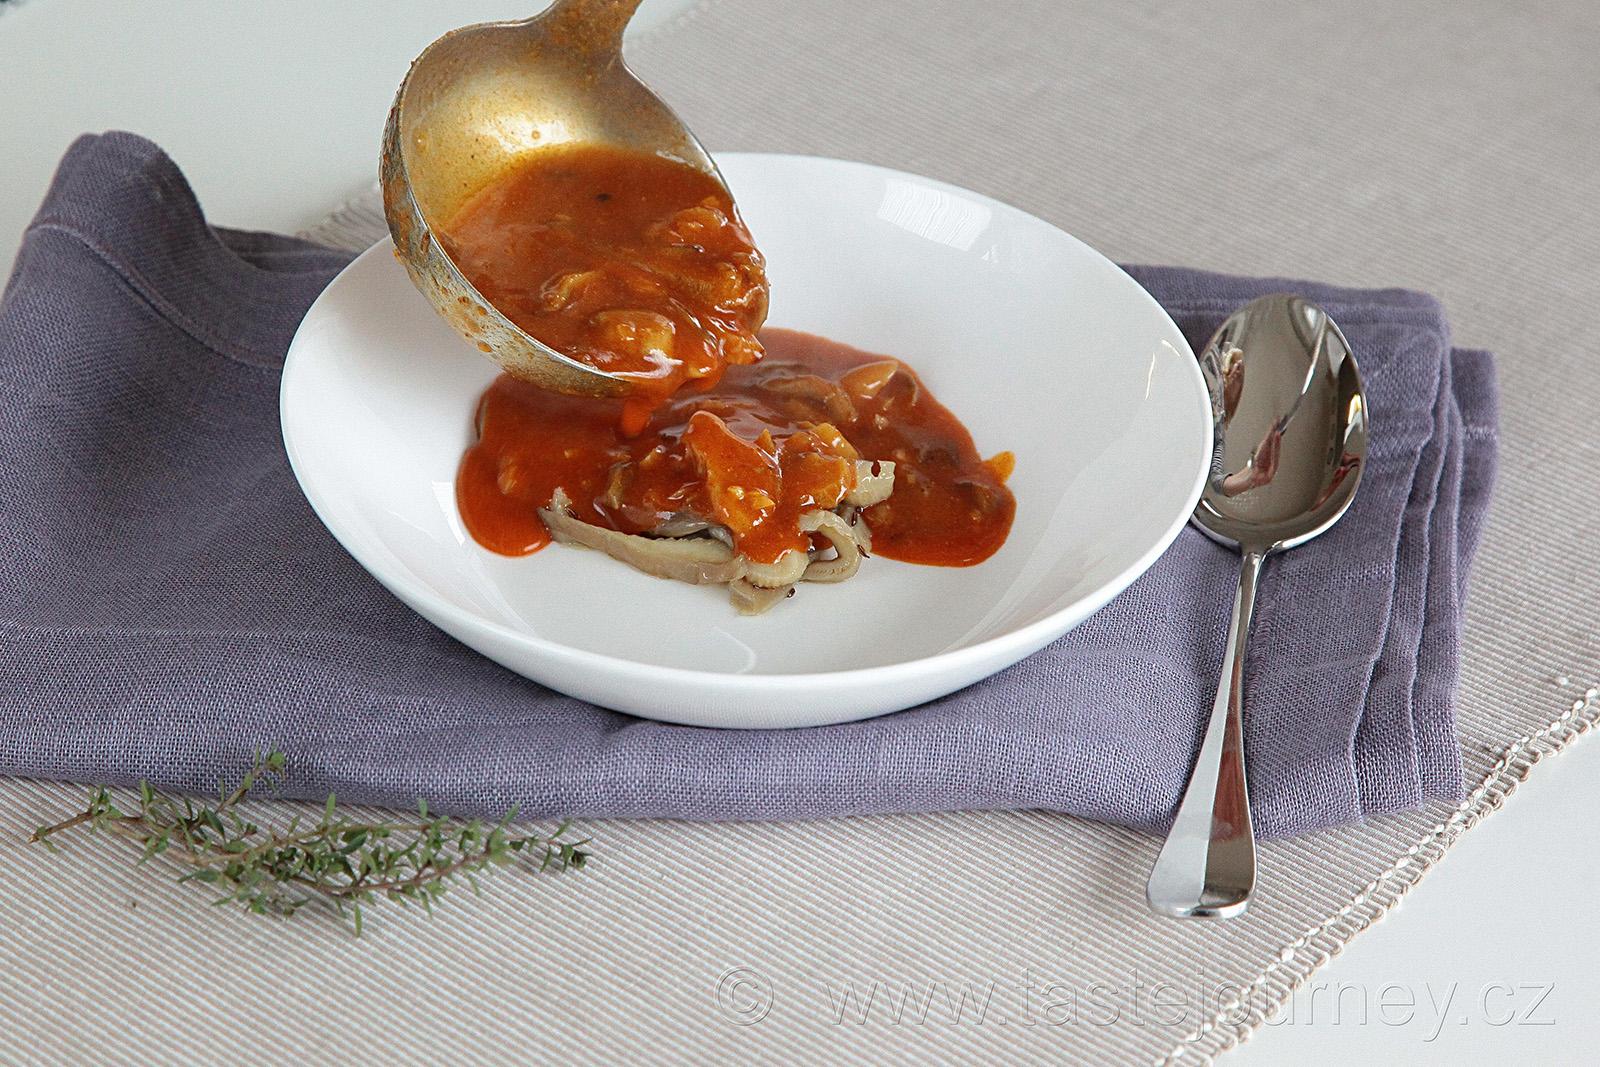 Pár osmahnutých kousků hlívy nejdříve dejte na talíř, pak zalévejte polévkou